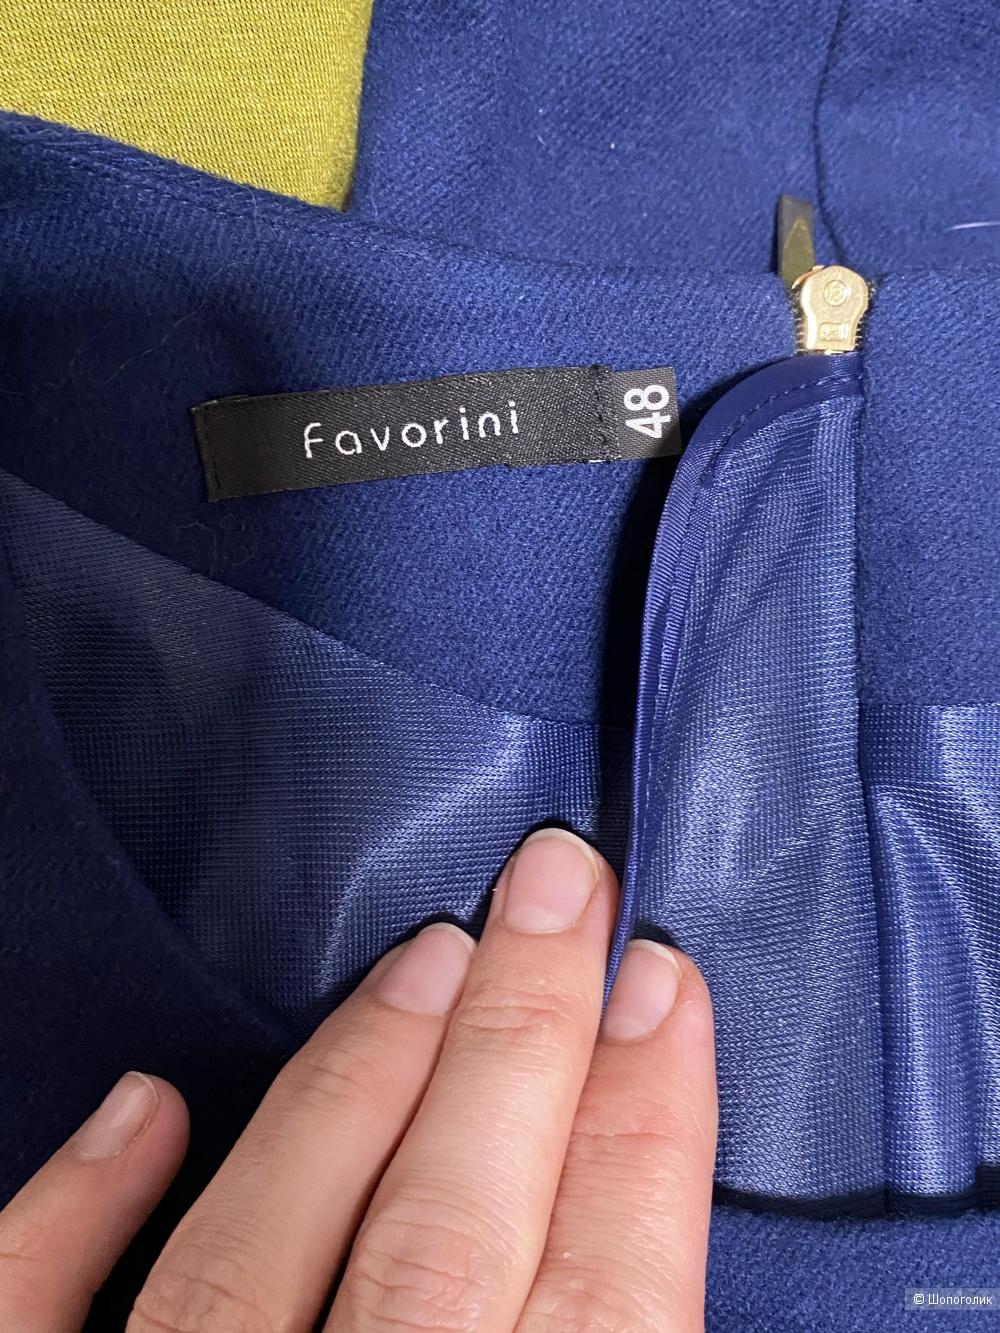 Жакет юбка костюм Фаворини favorini 48